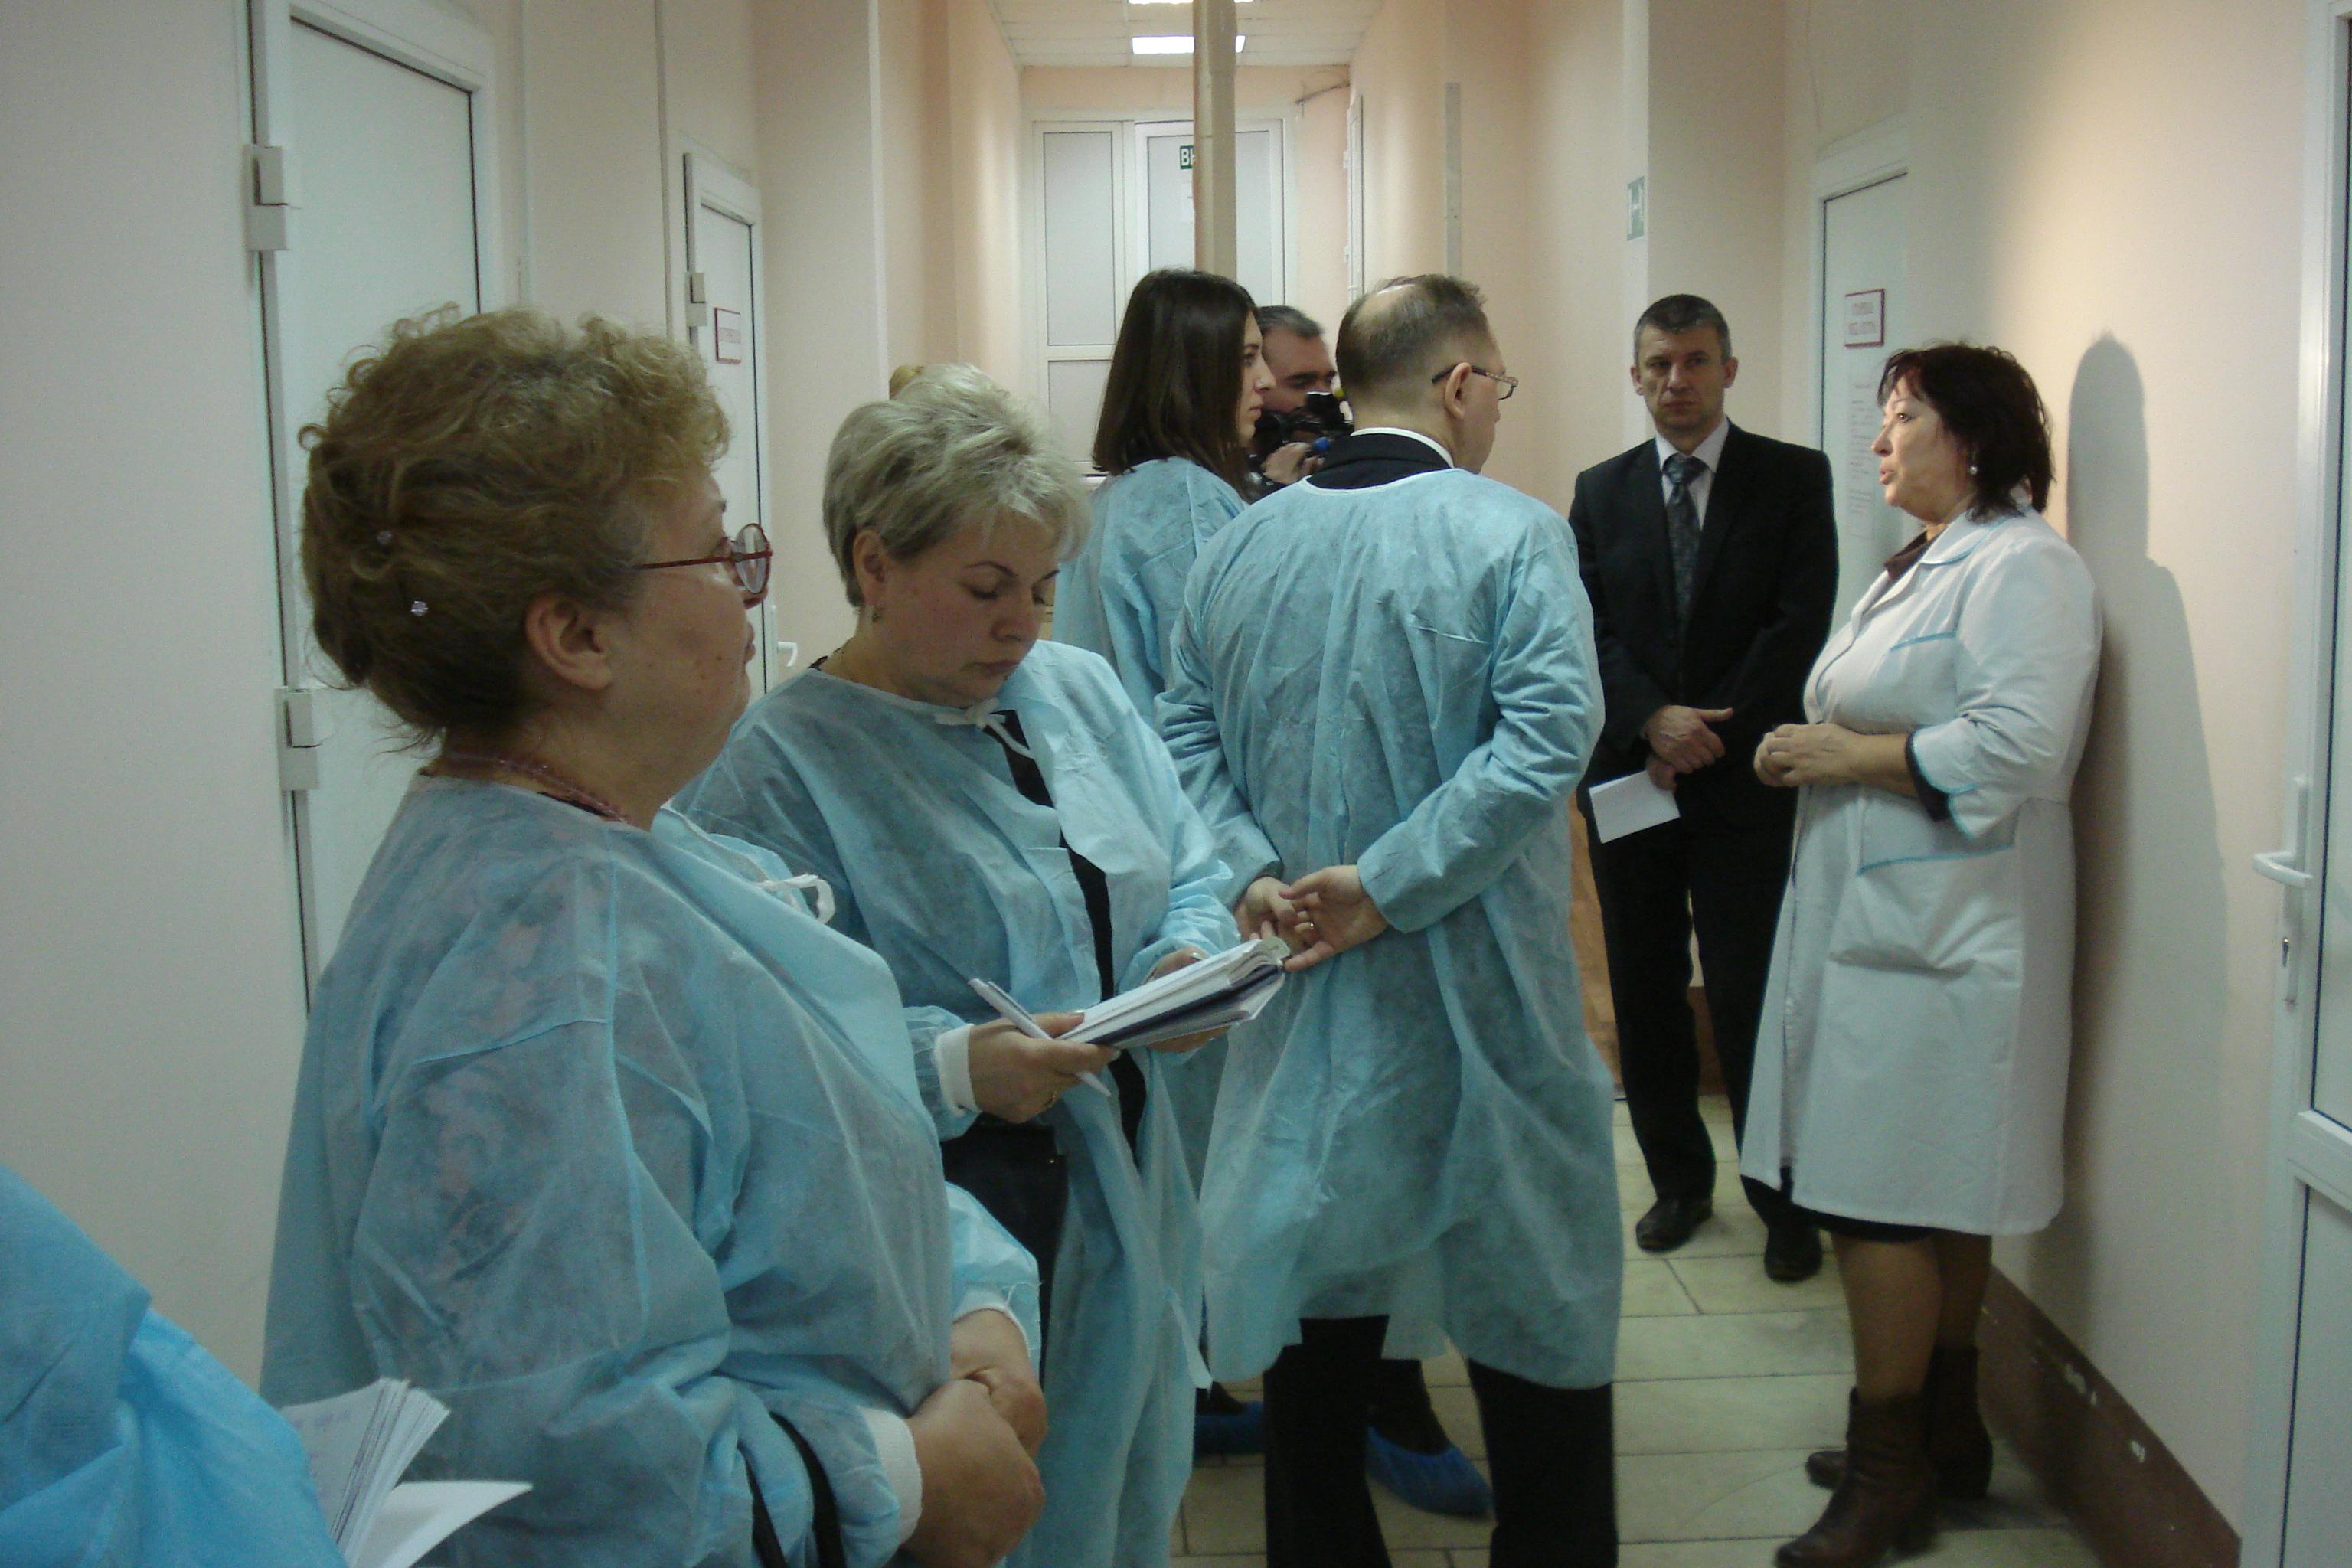 Стоит напомнить, что первым, кого уволила светлана орлова после своего прихода в регион, стал руководитель облздрава владимир безруков.